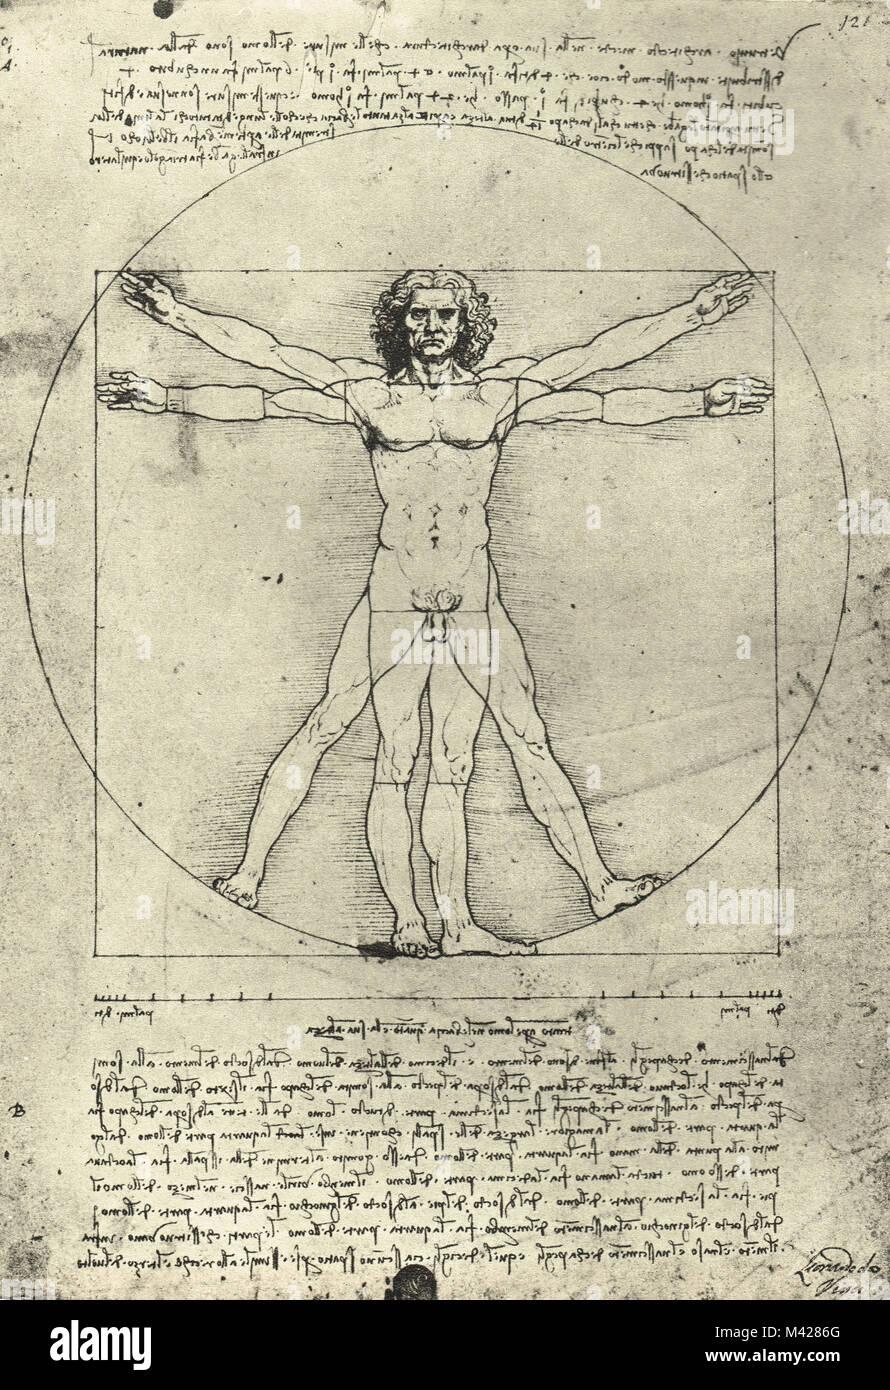 Homme de Vitruve, Léonard de Vinci, vers 1490 Banque D'Images